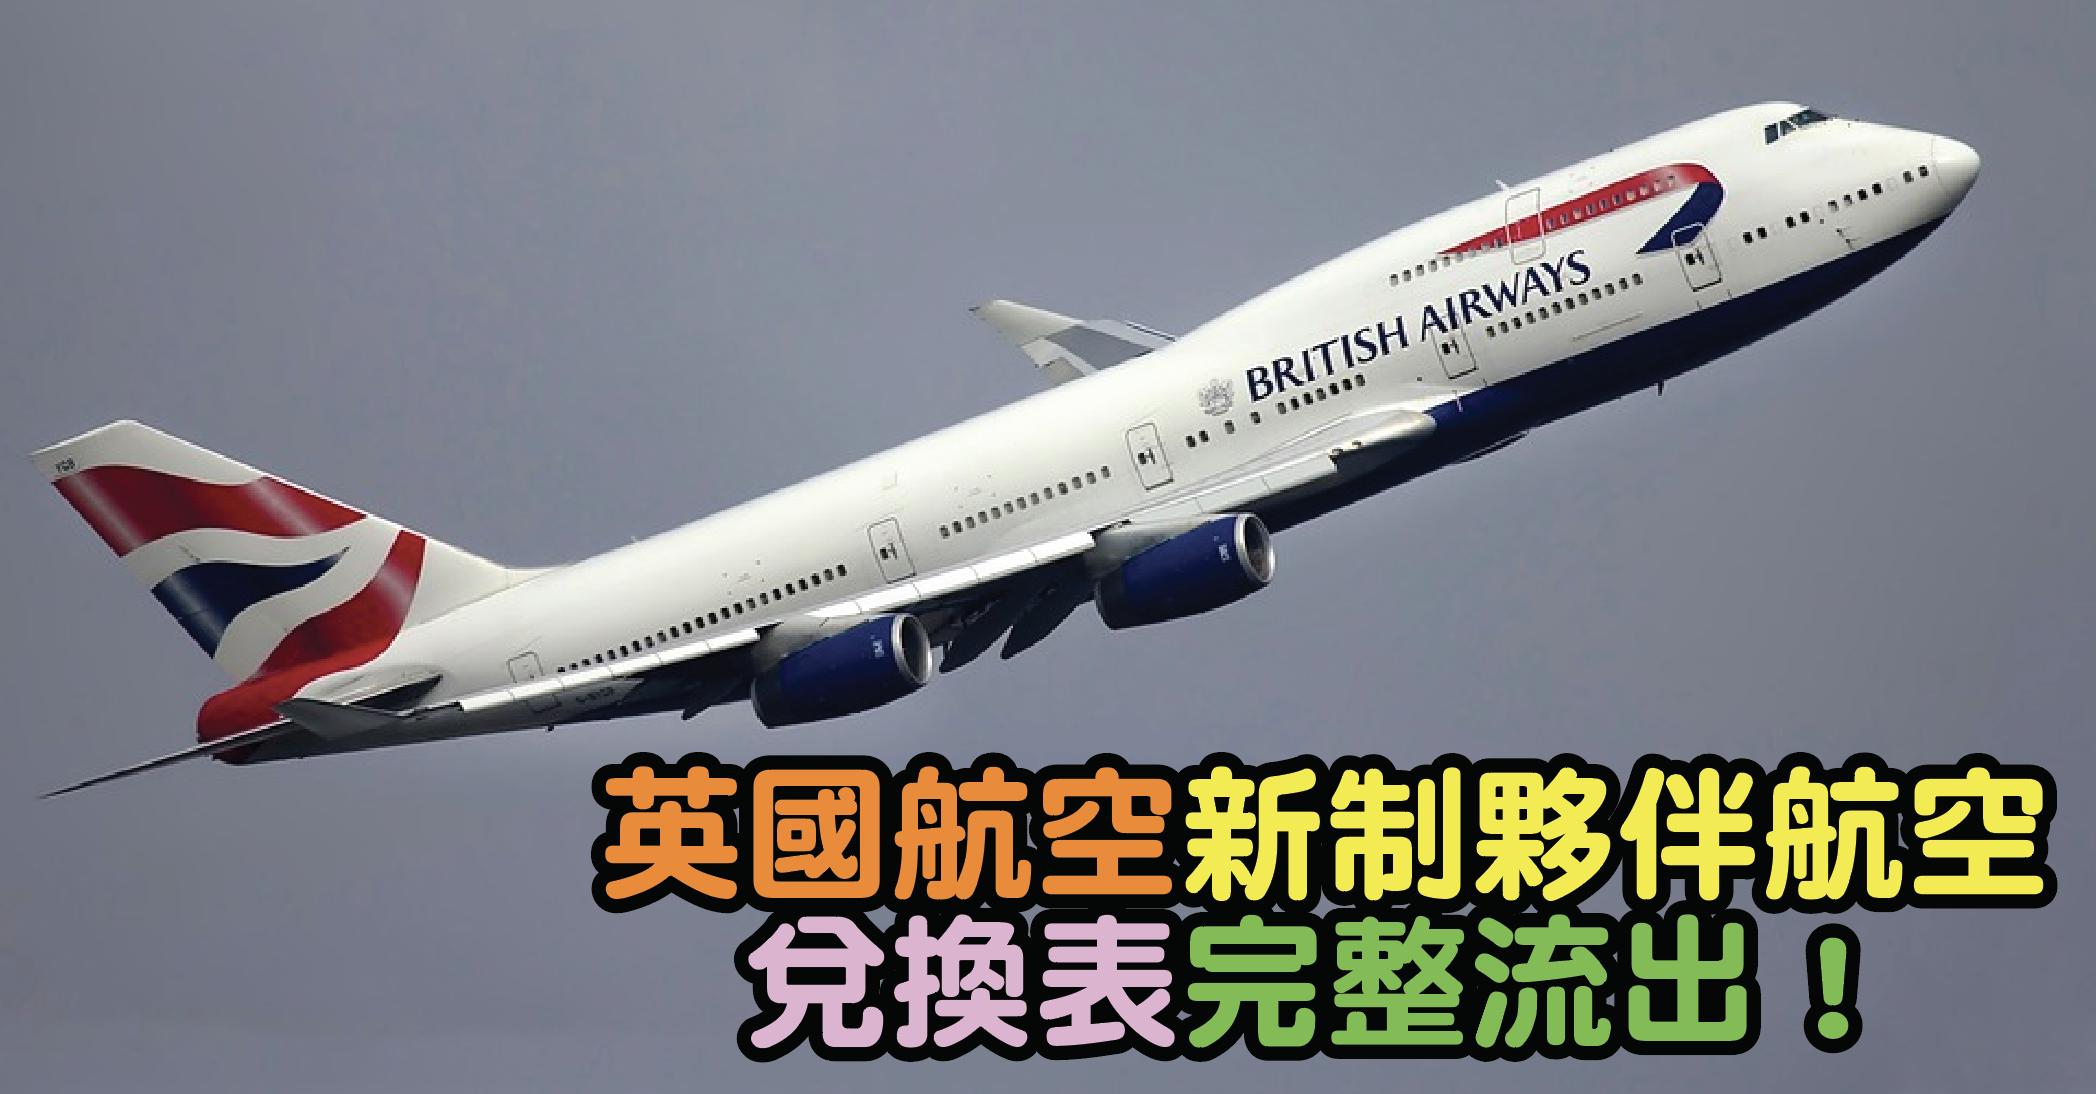 英國航空 British Airways 夥伴航空正式加價!來回台北12,000里、曼谷18,000里、日本22,000里!